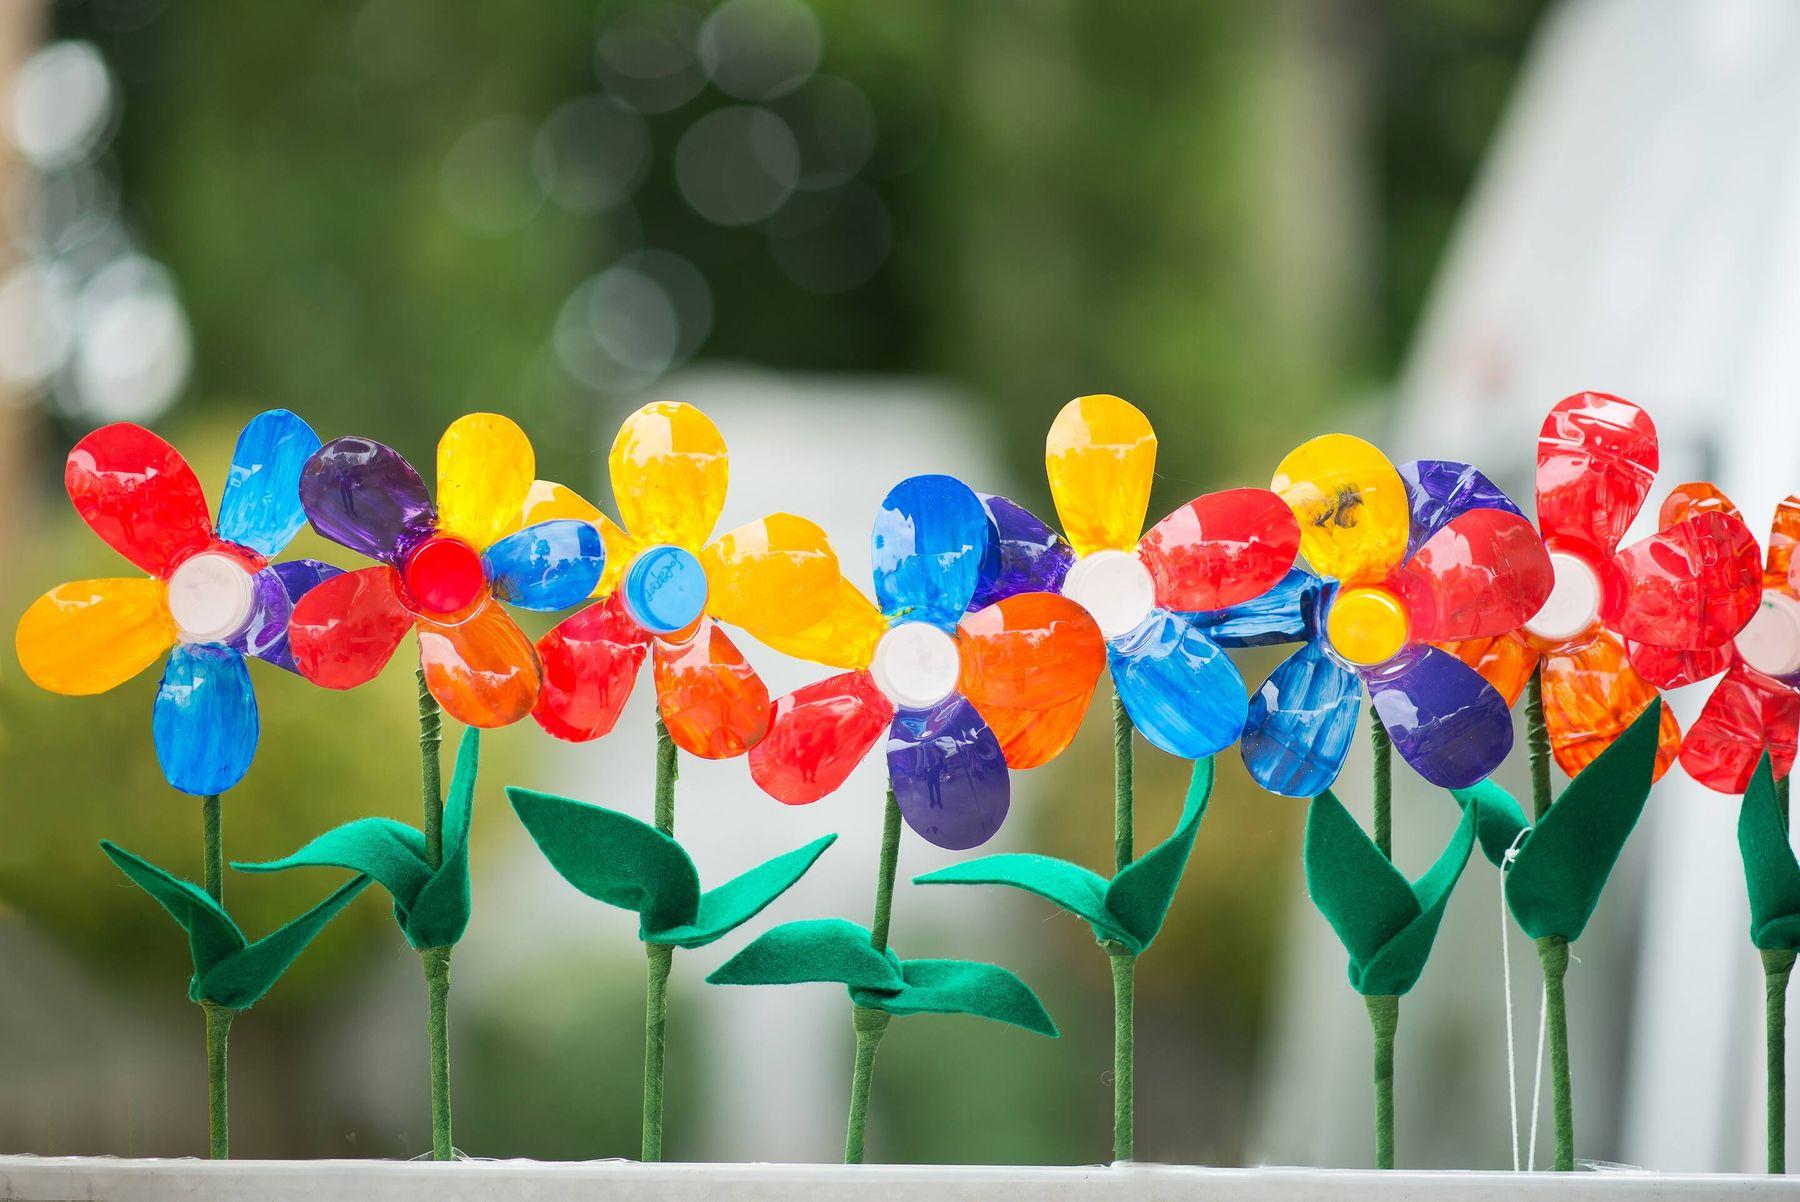 chai nhựa tái chế thành lọ cắm hoa